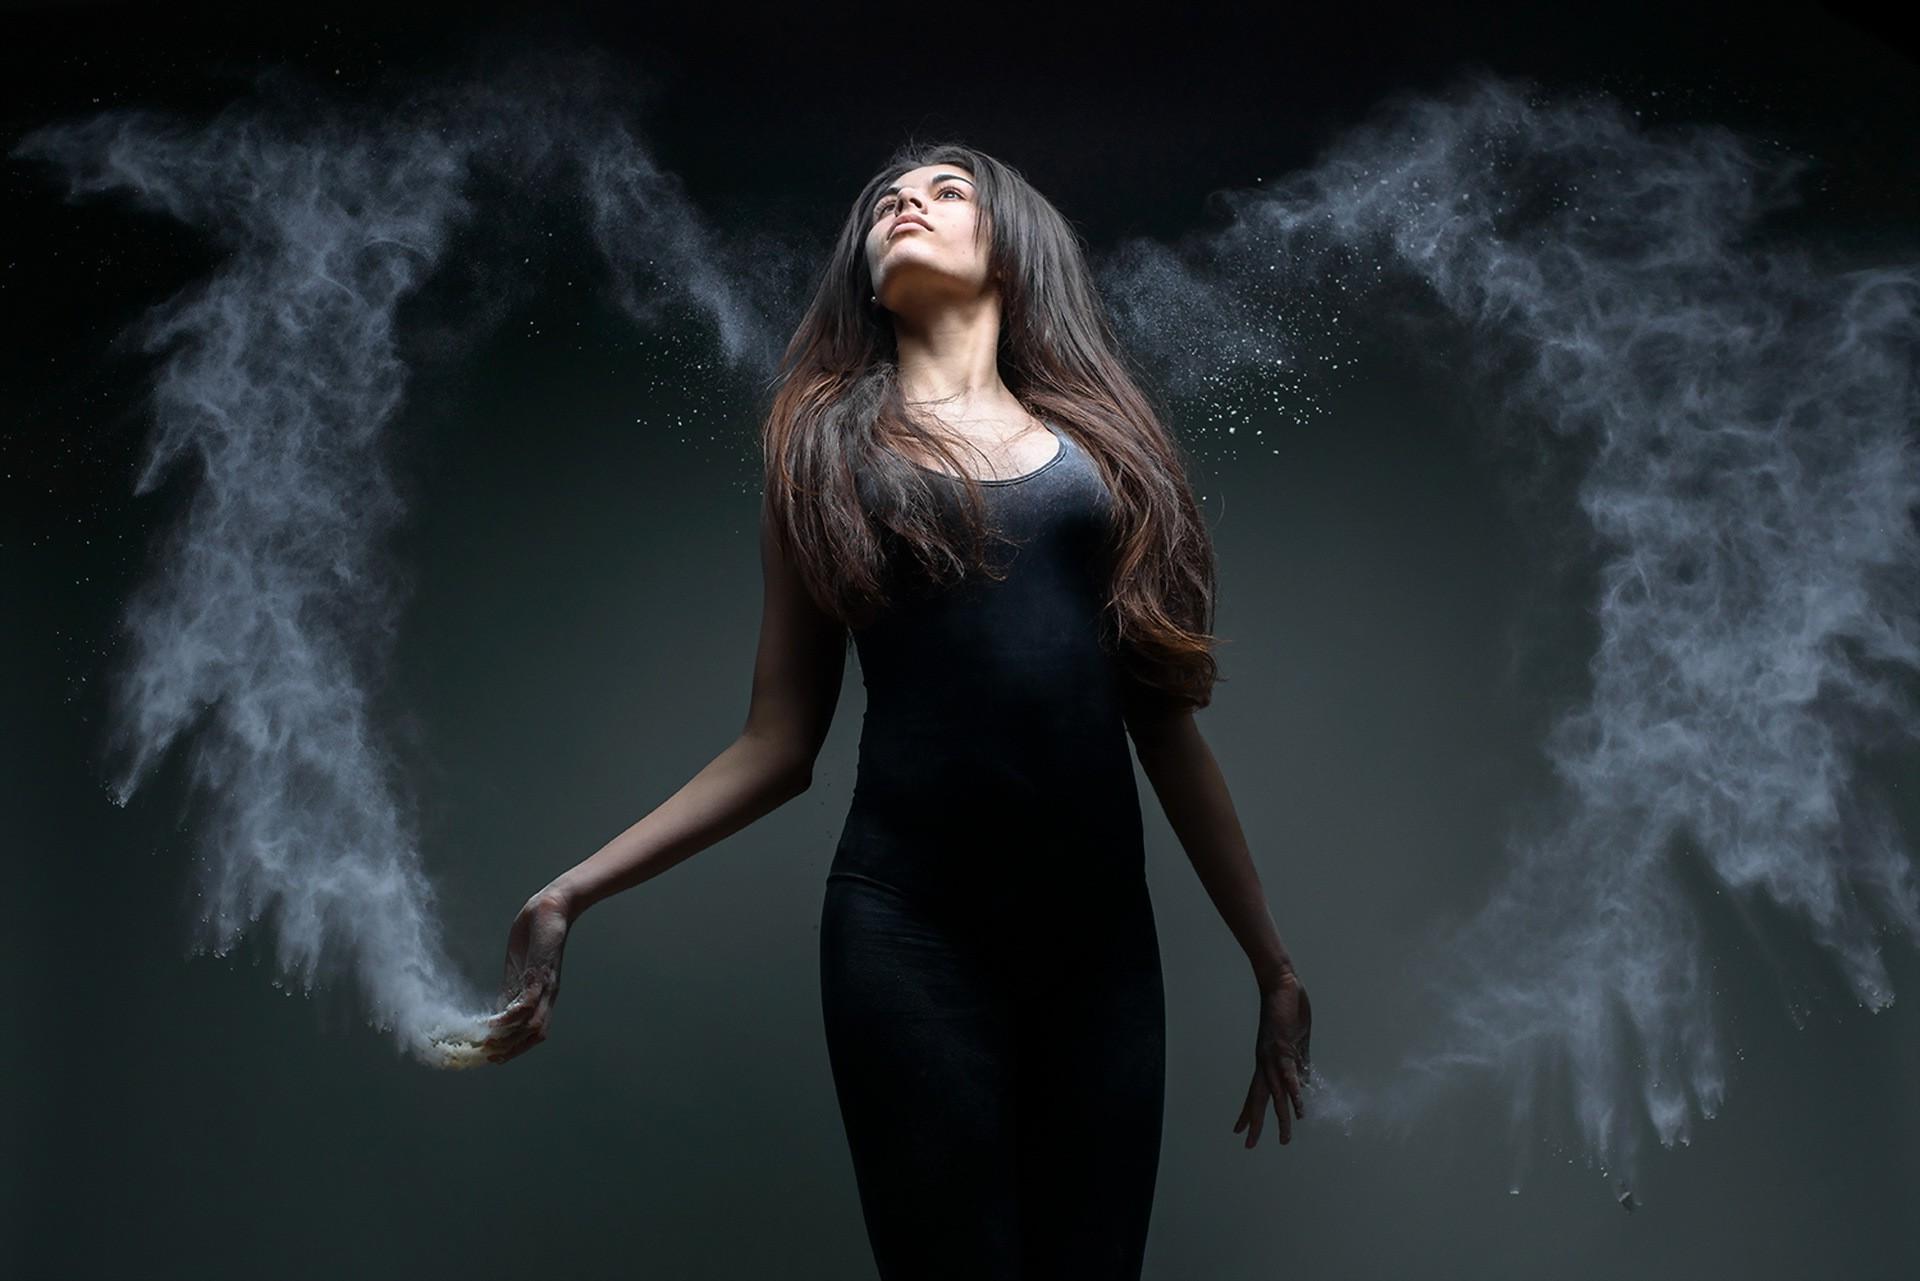 Художественные фото дым